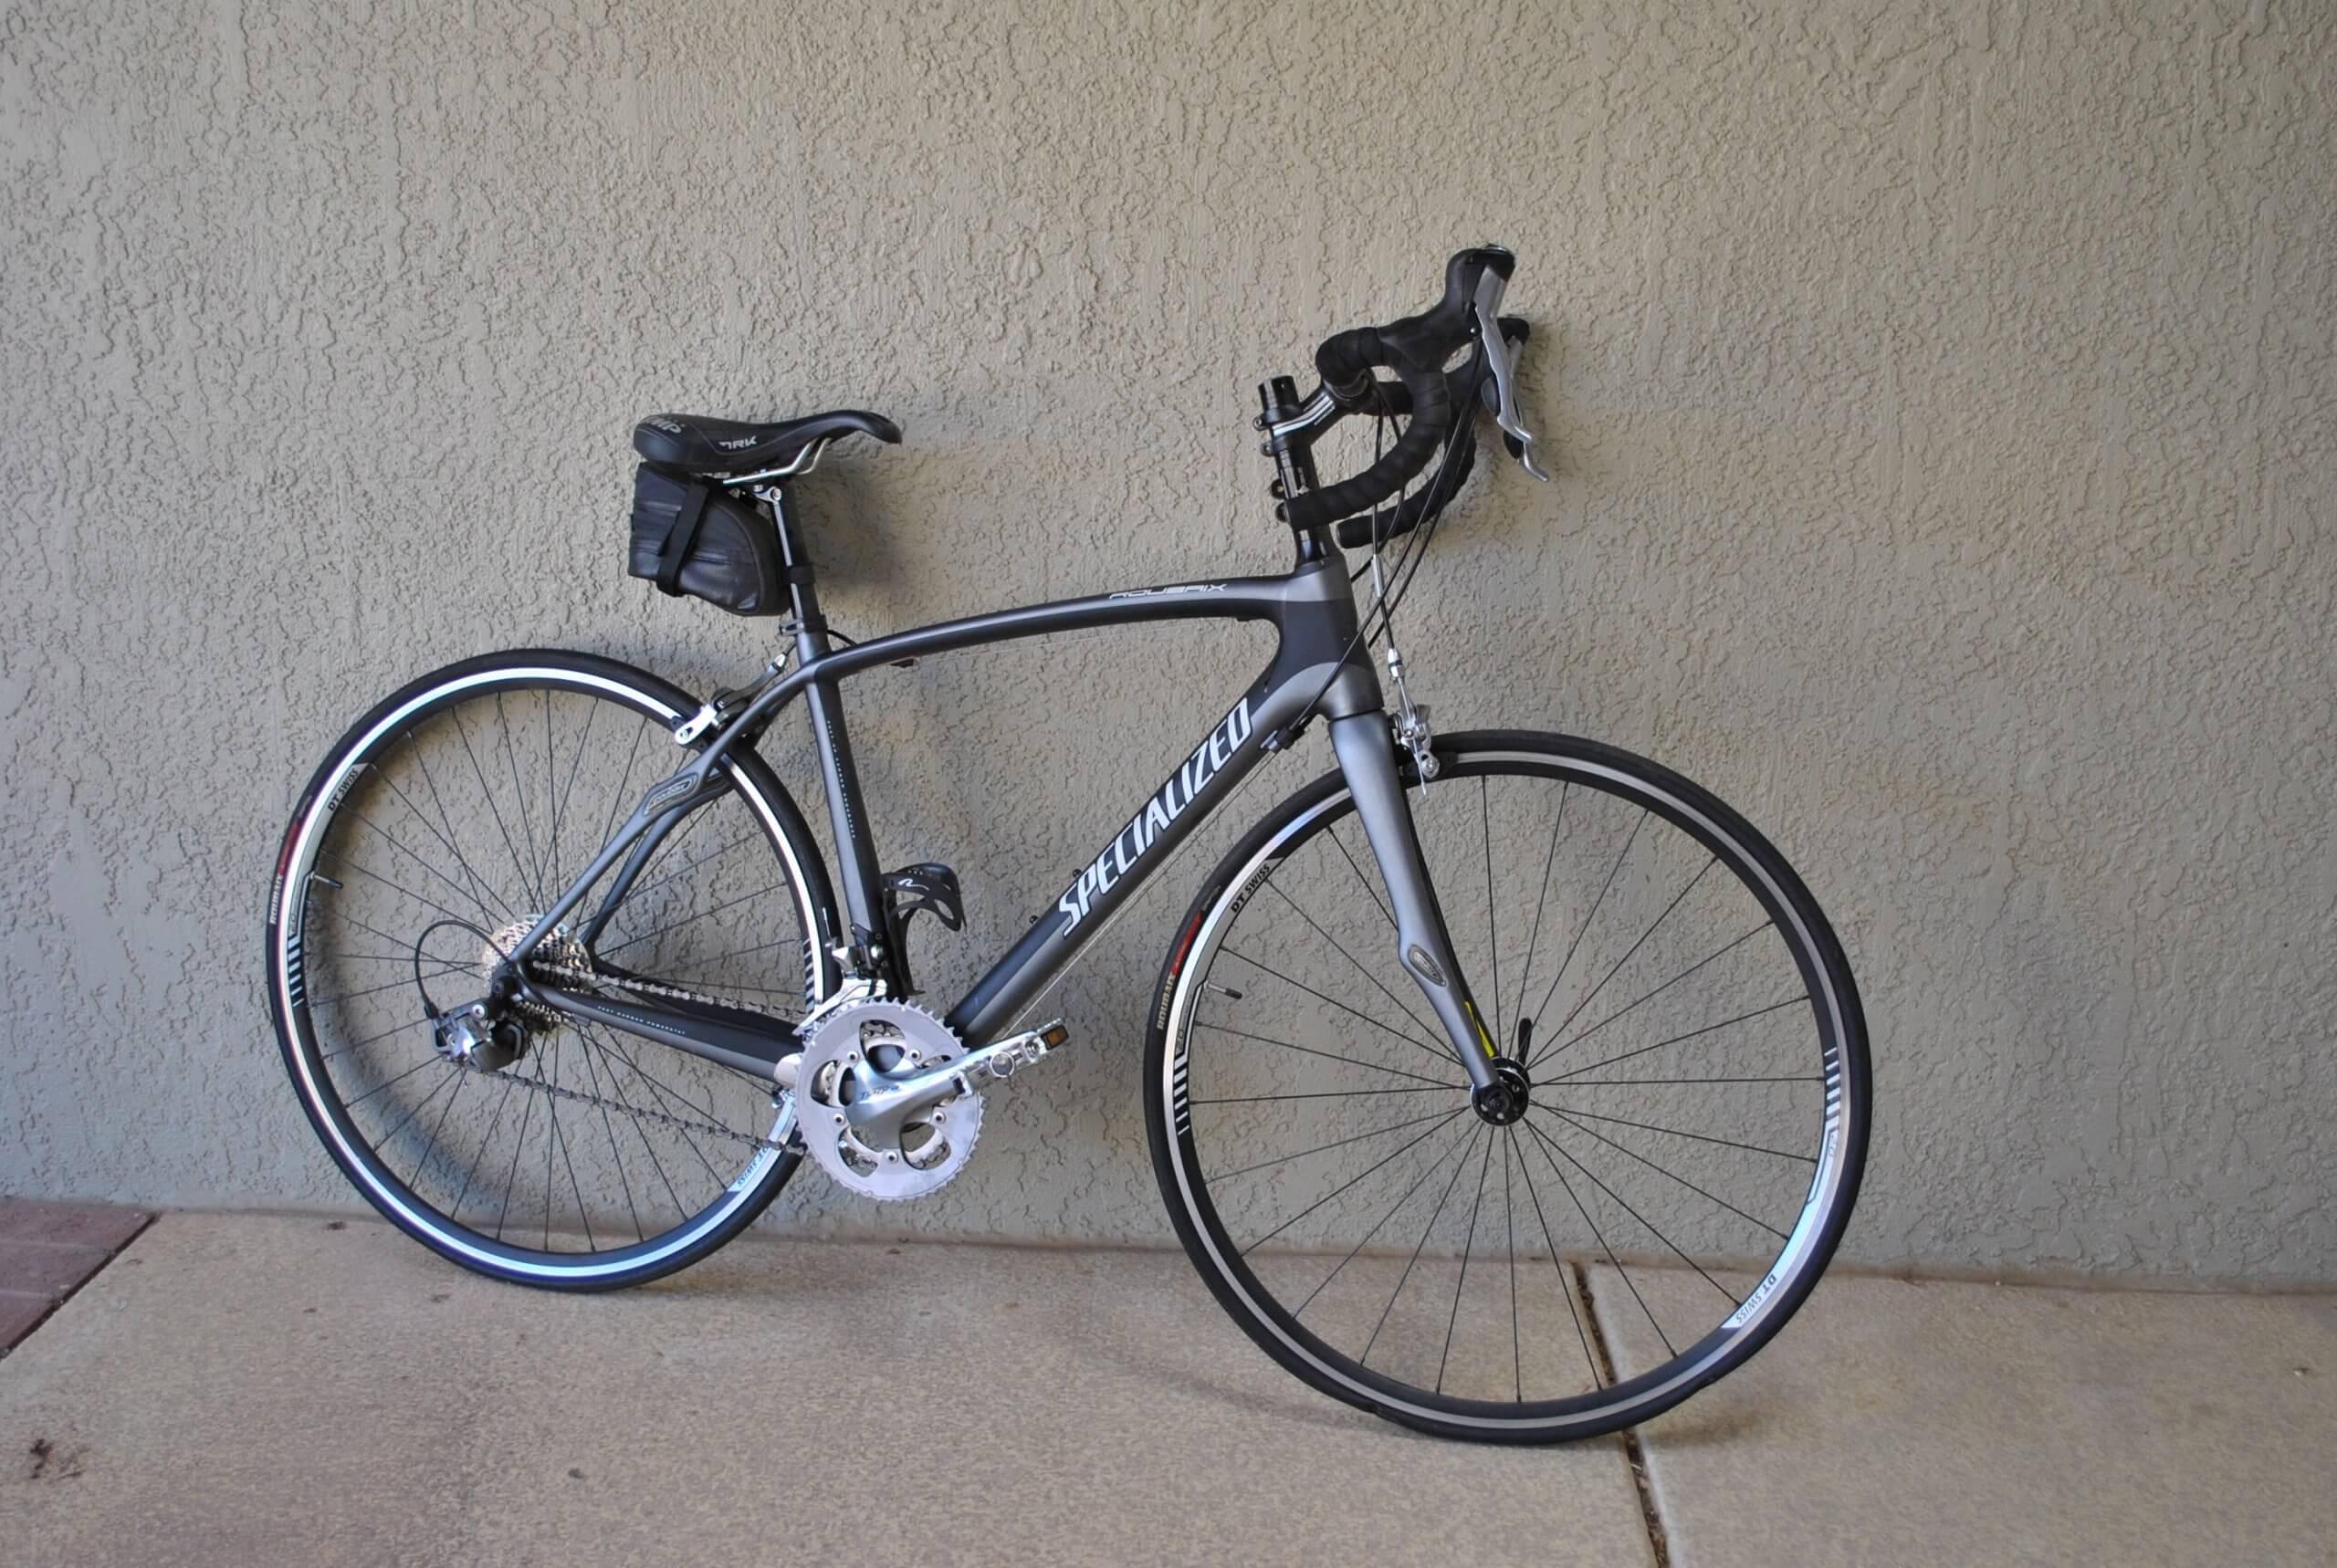 Specialized Roubaix bike